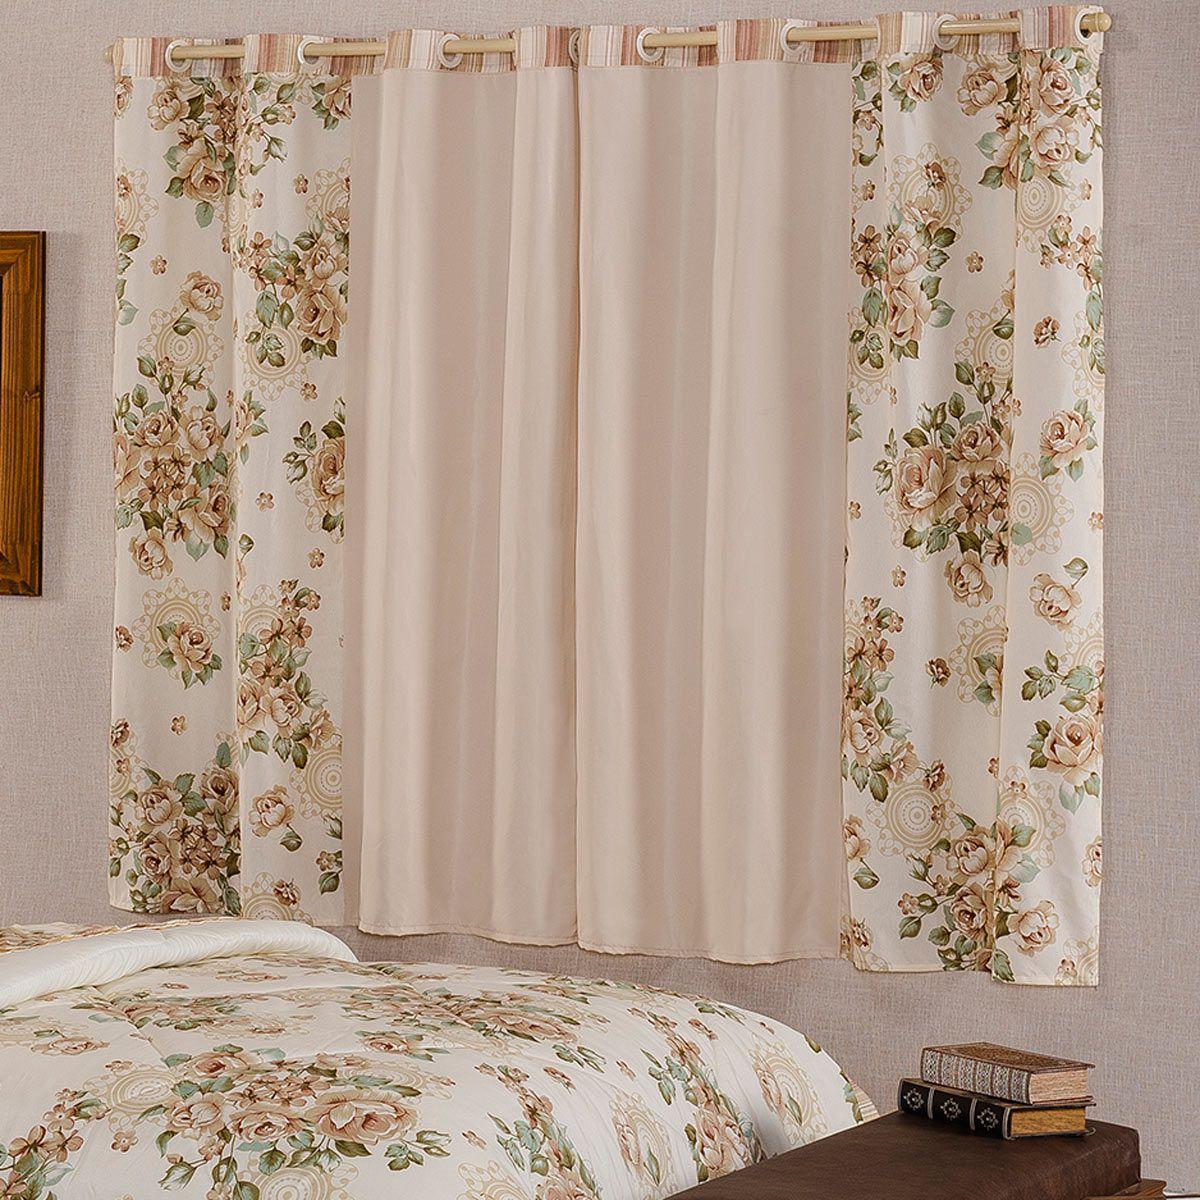 Cortina Esther Floral Palha/Verde 2,00m x 1,70m p/ Varão Simples